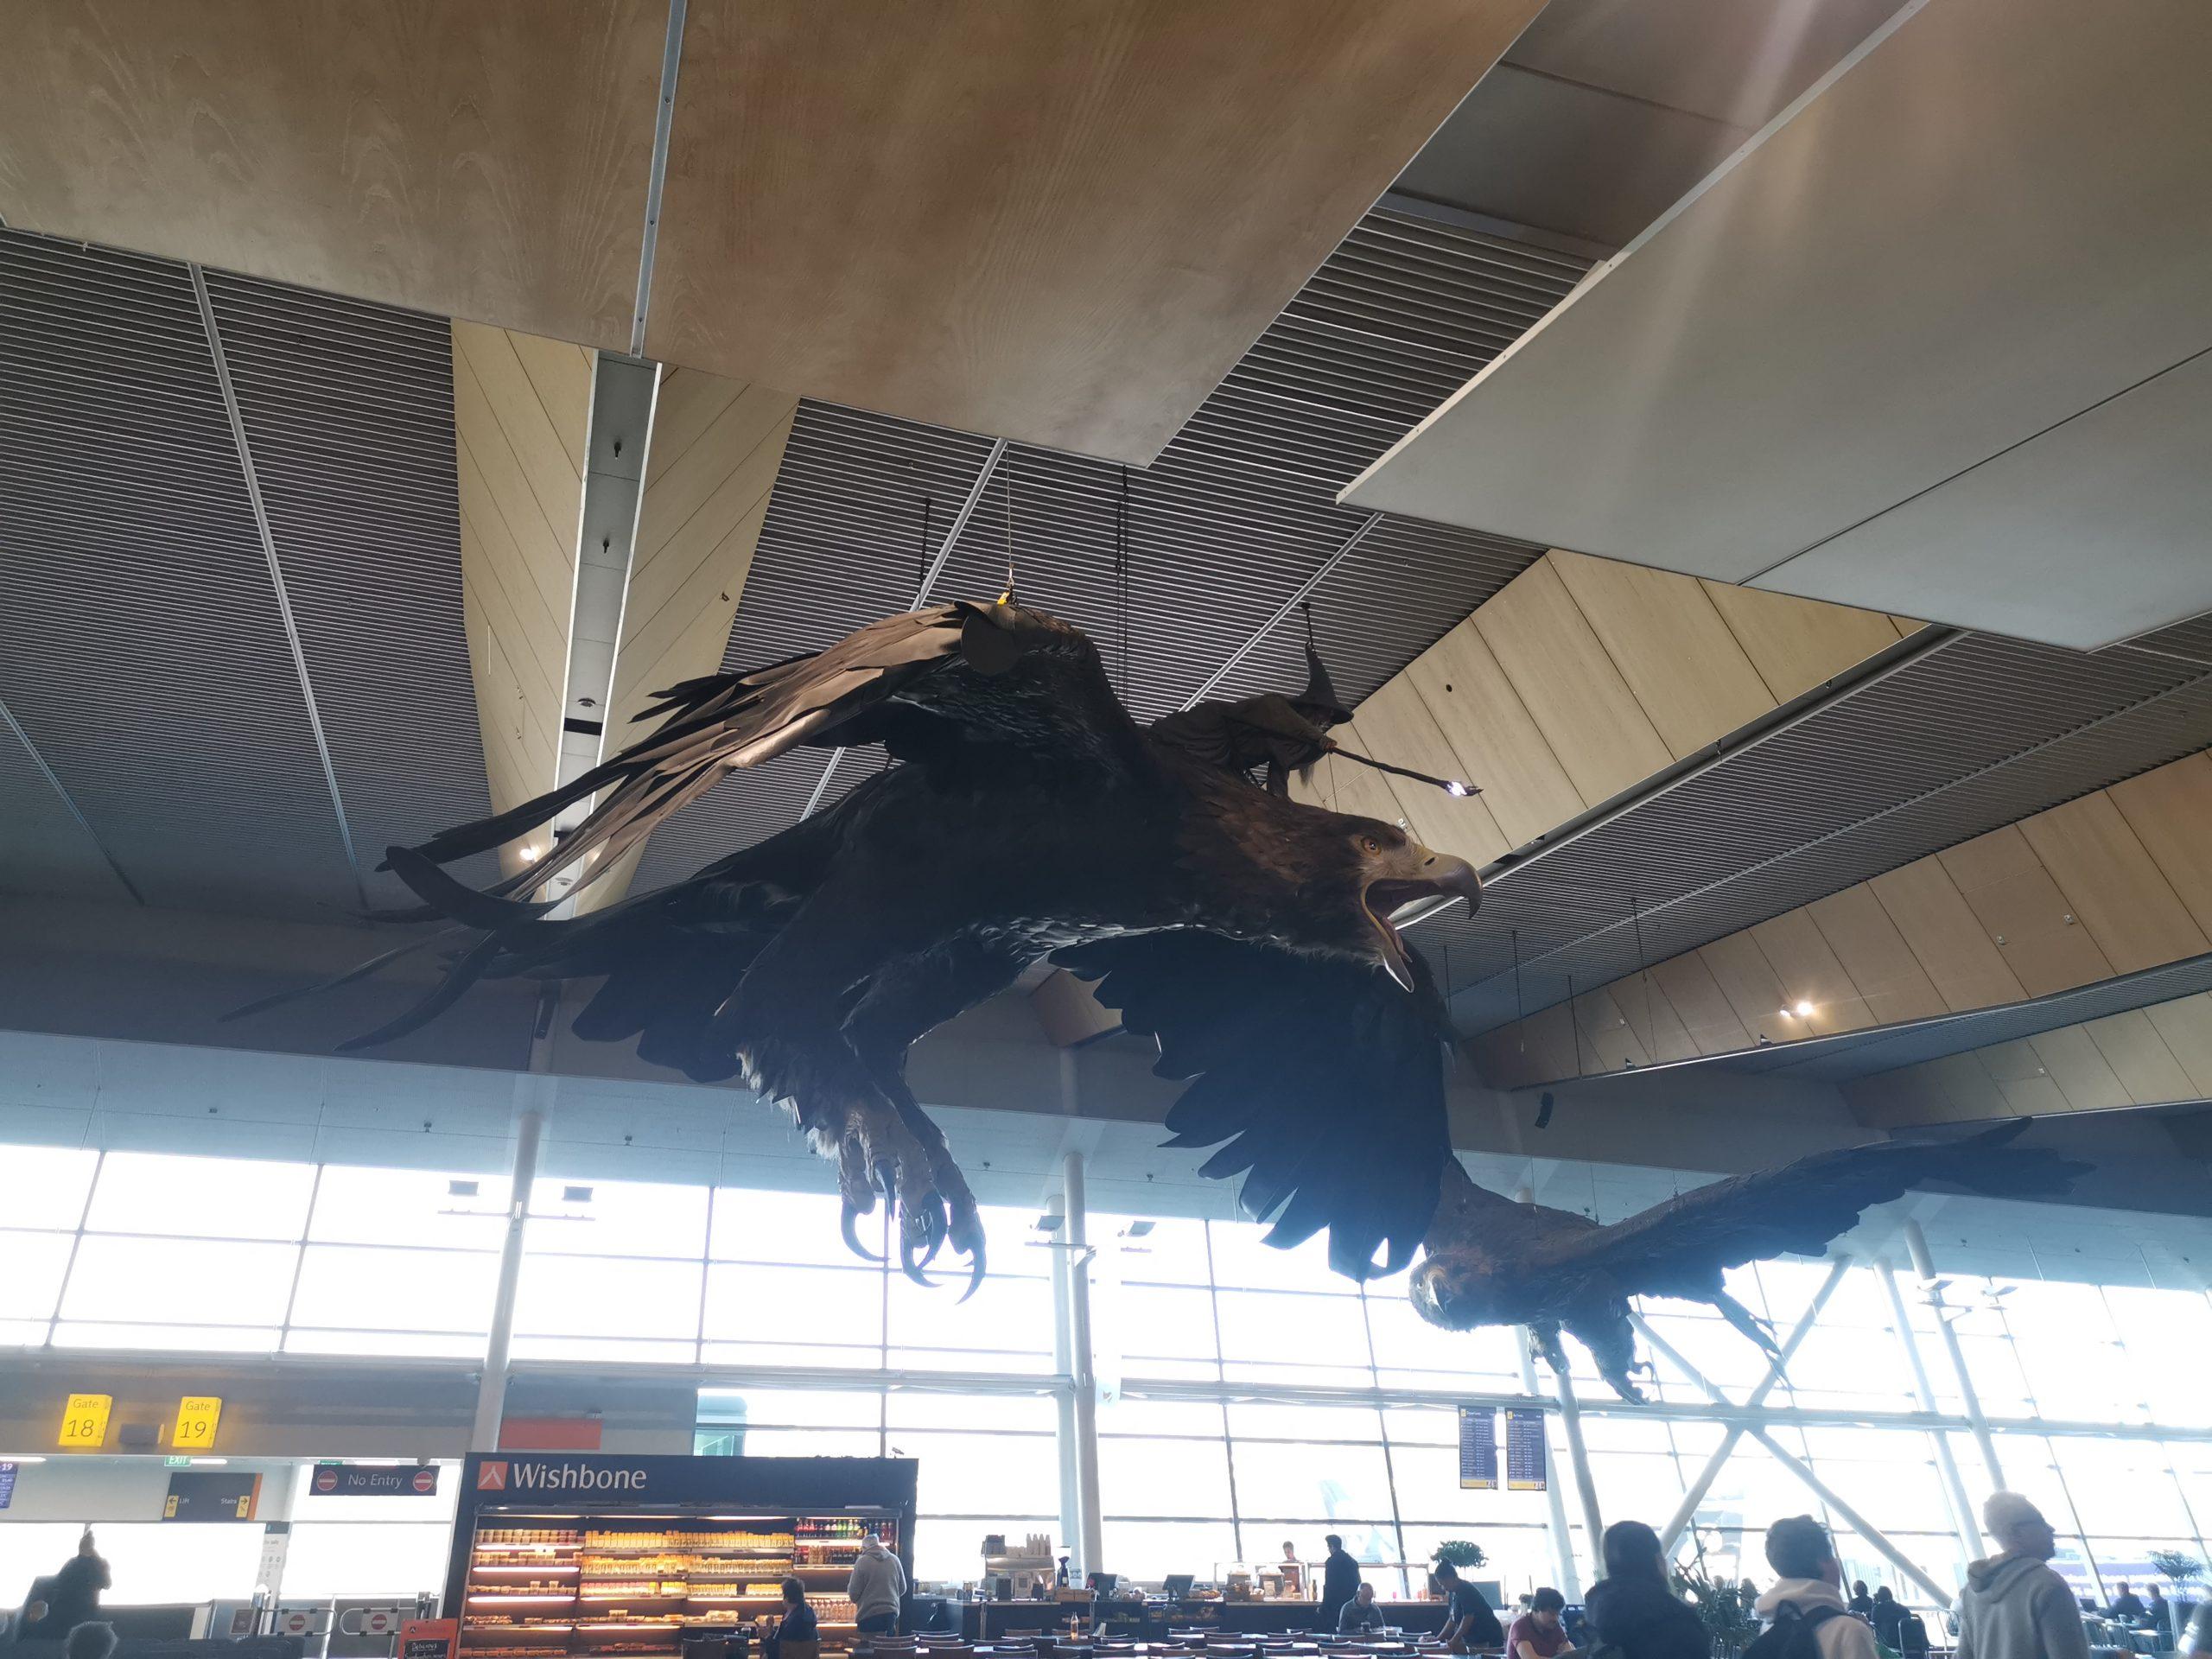 ウェリントン空港にいるガンダルフ